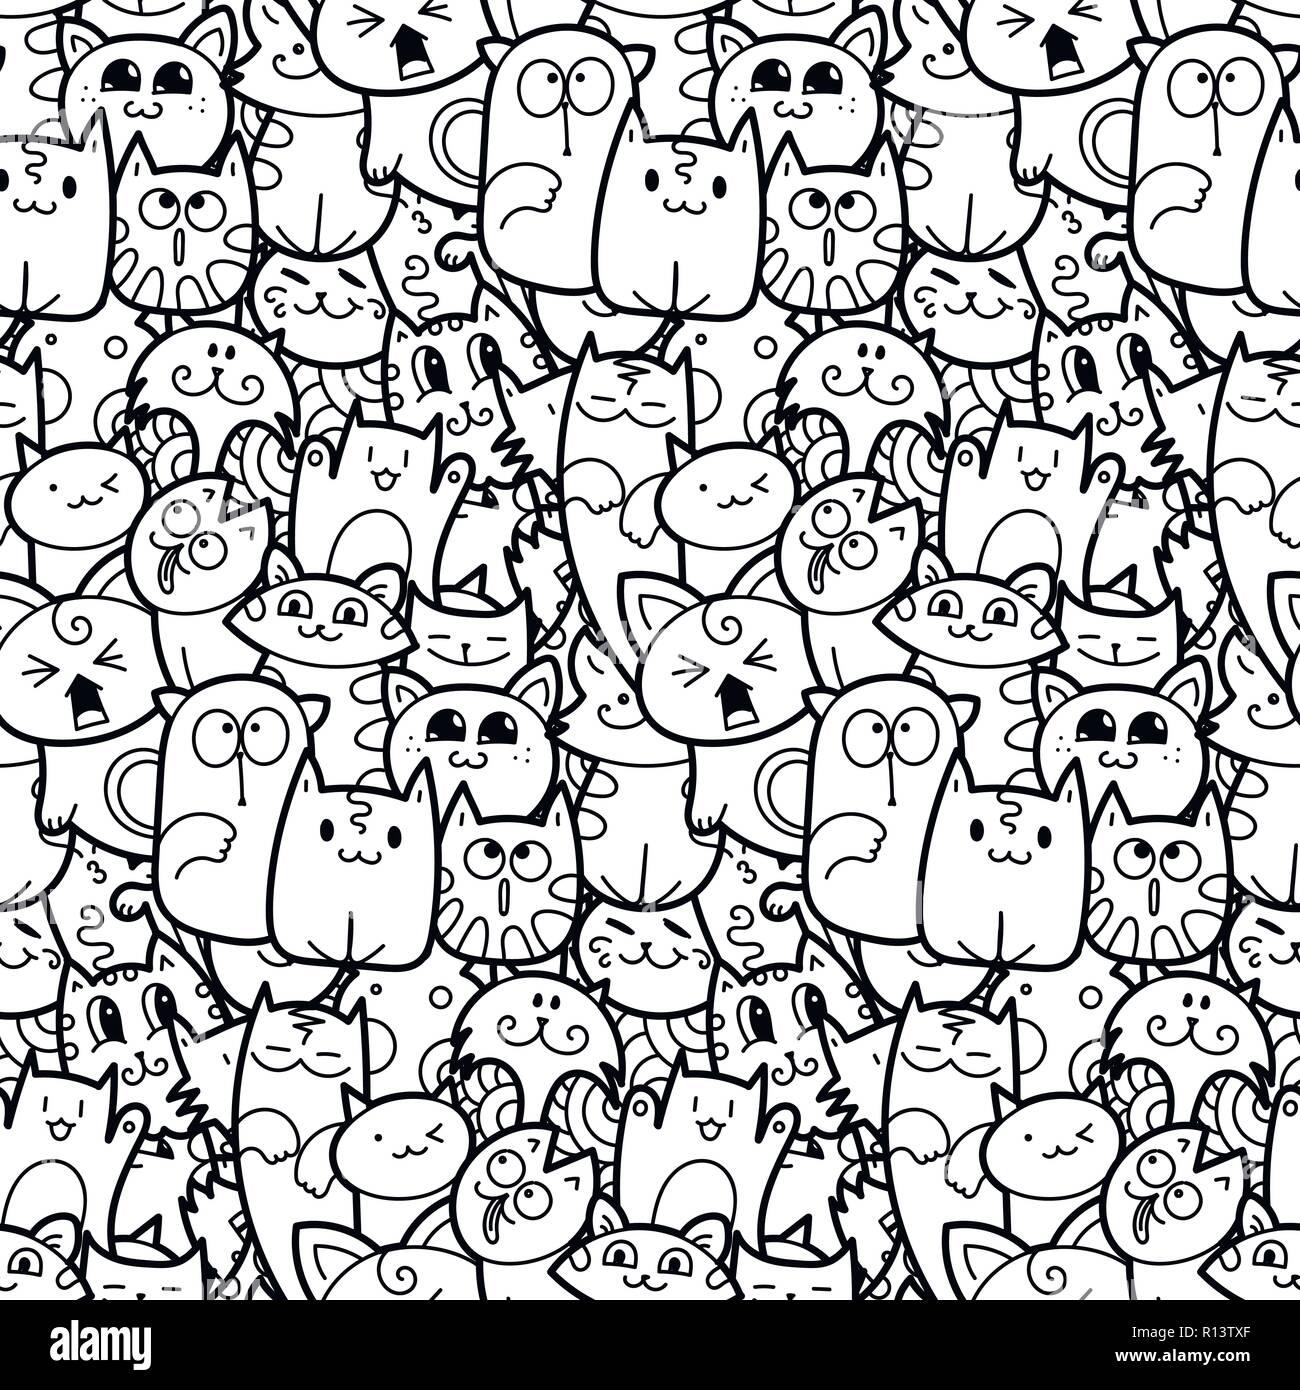 Funny Doodle Gatti E Gattini Seamless Pattern Per Stampe Disegni E